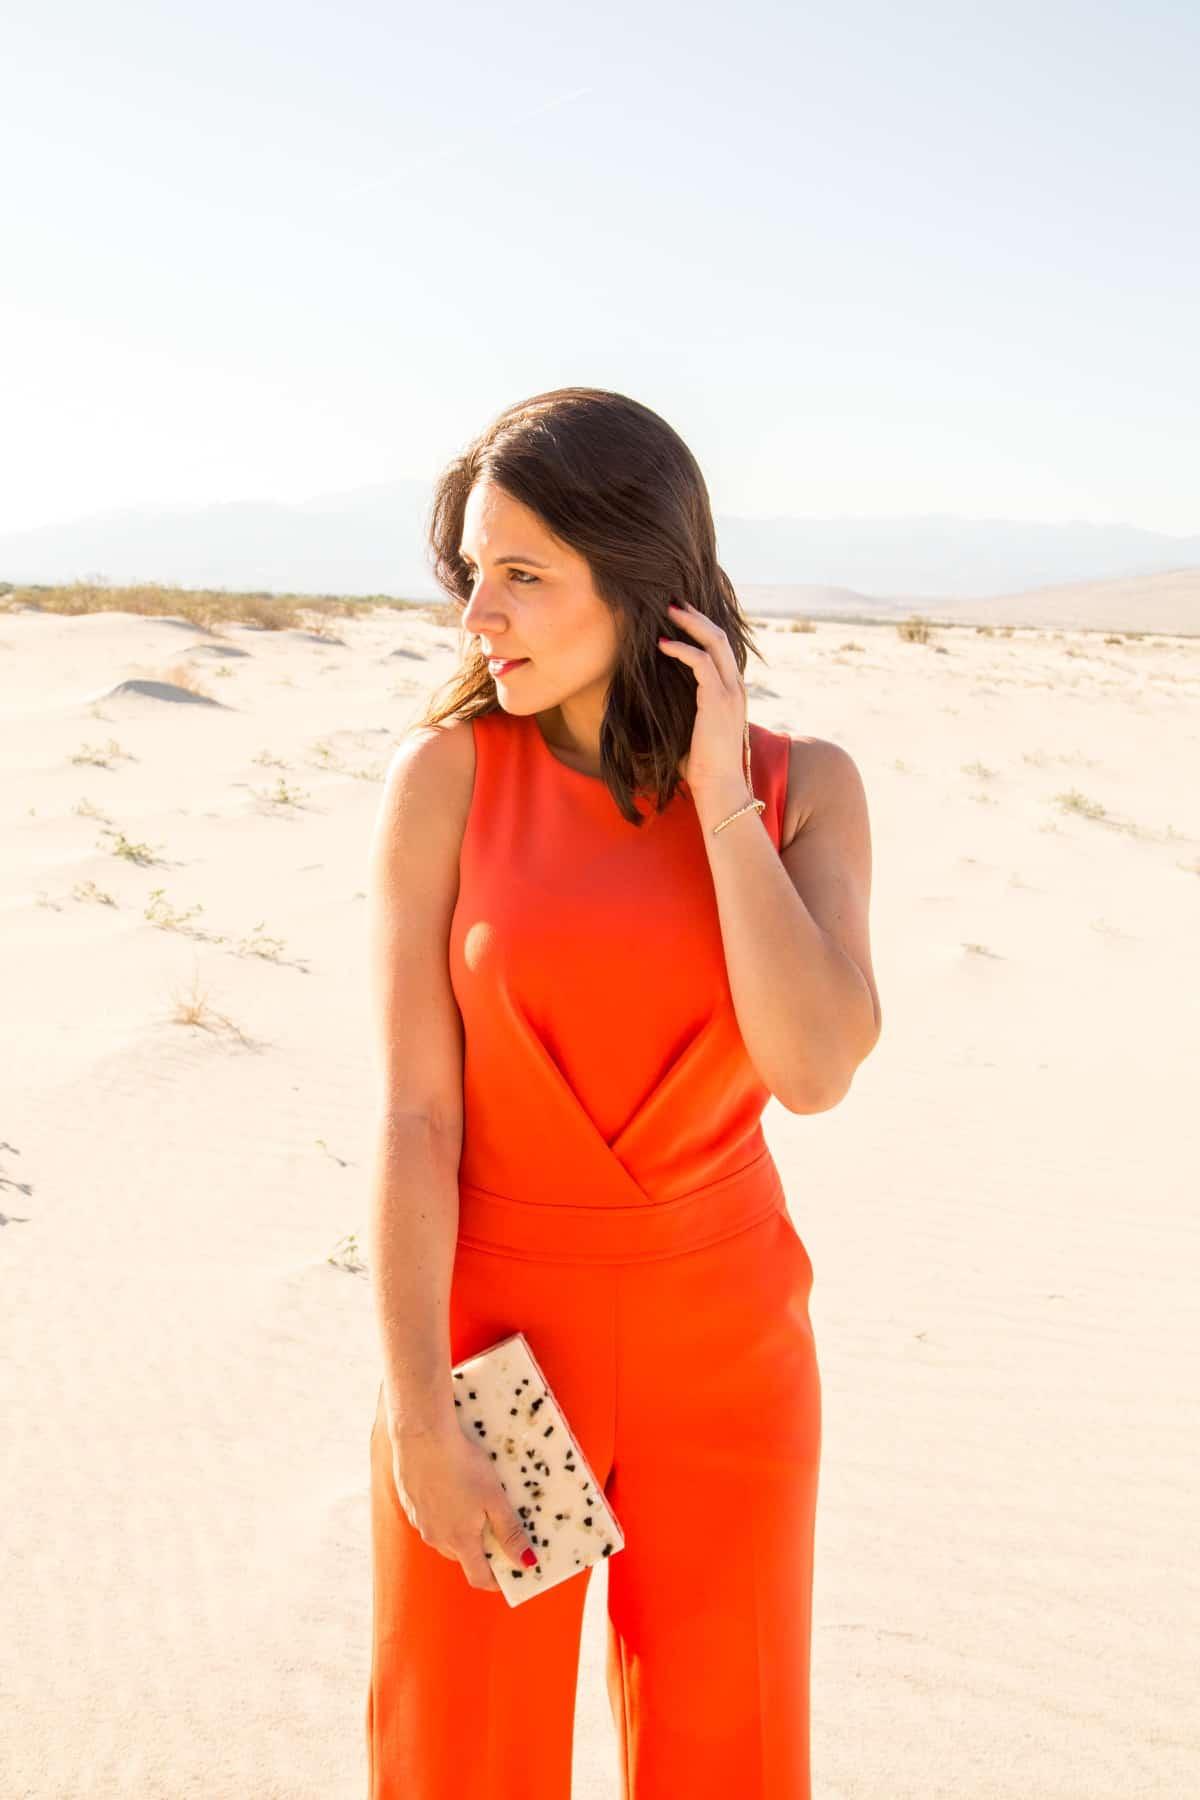 trina turk jumpsuit - My Style Vita - @mystylevita - 4